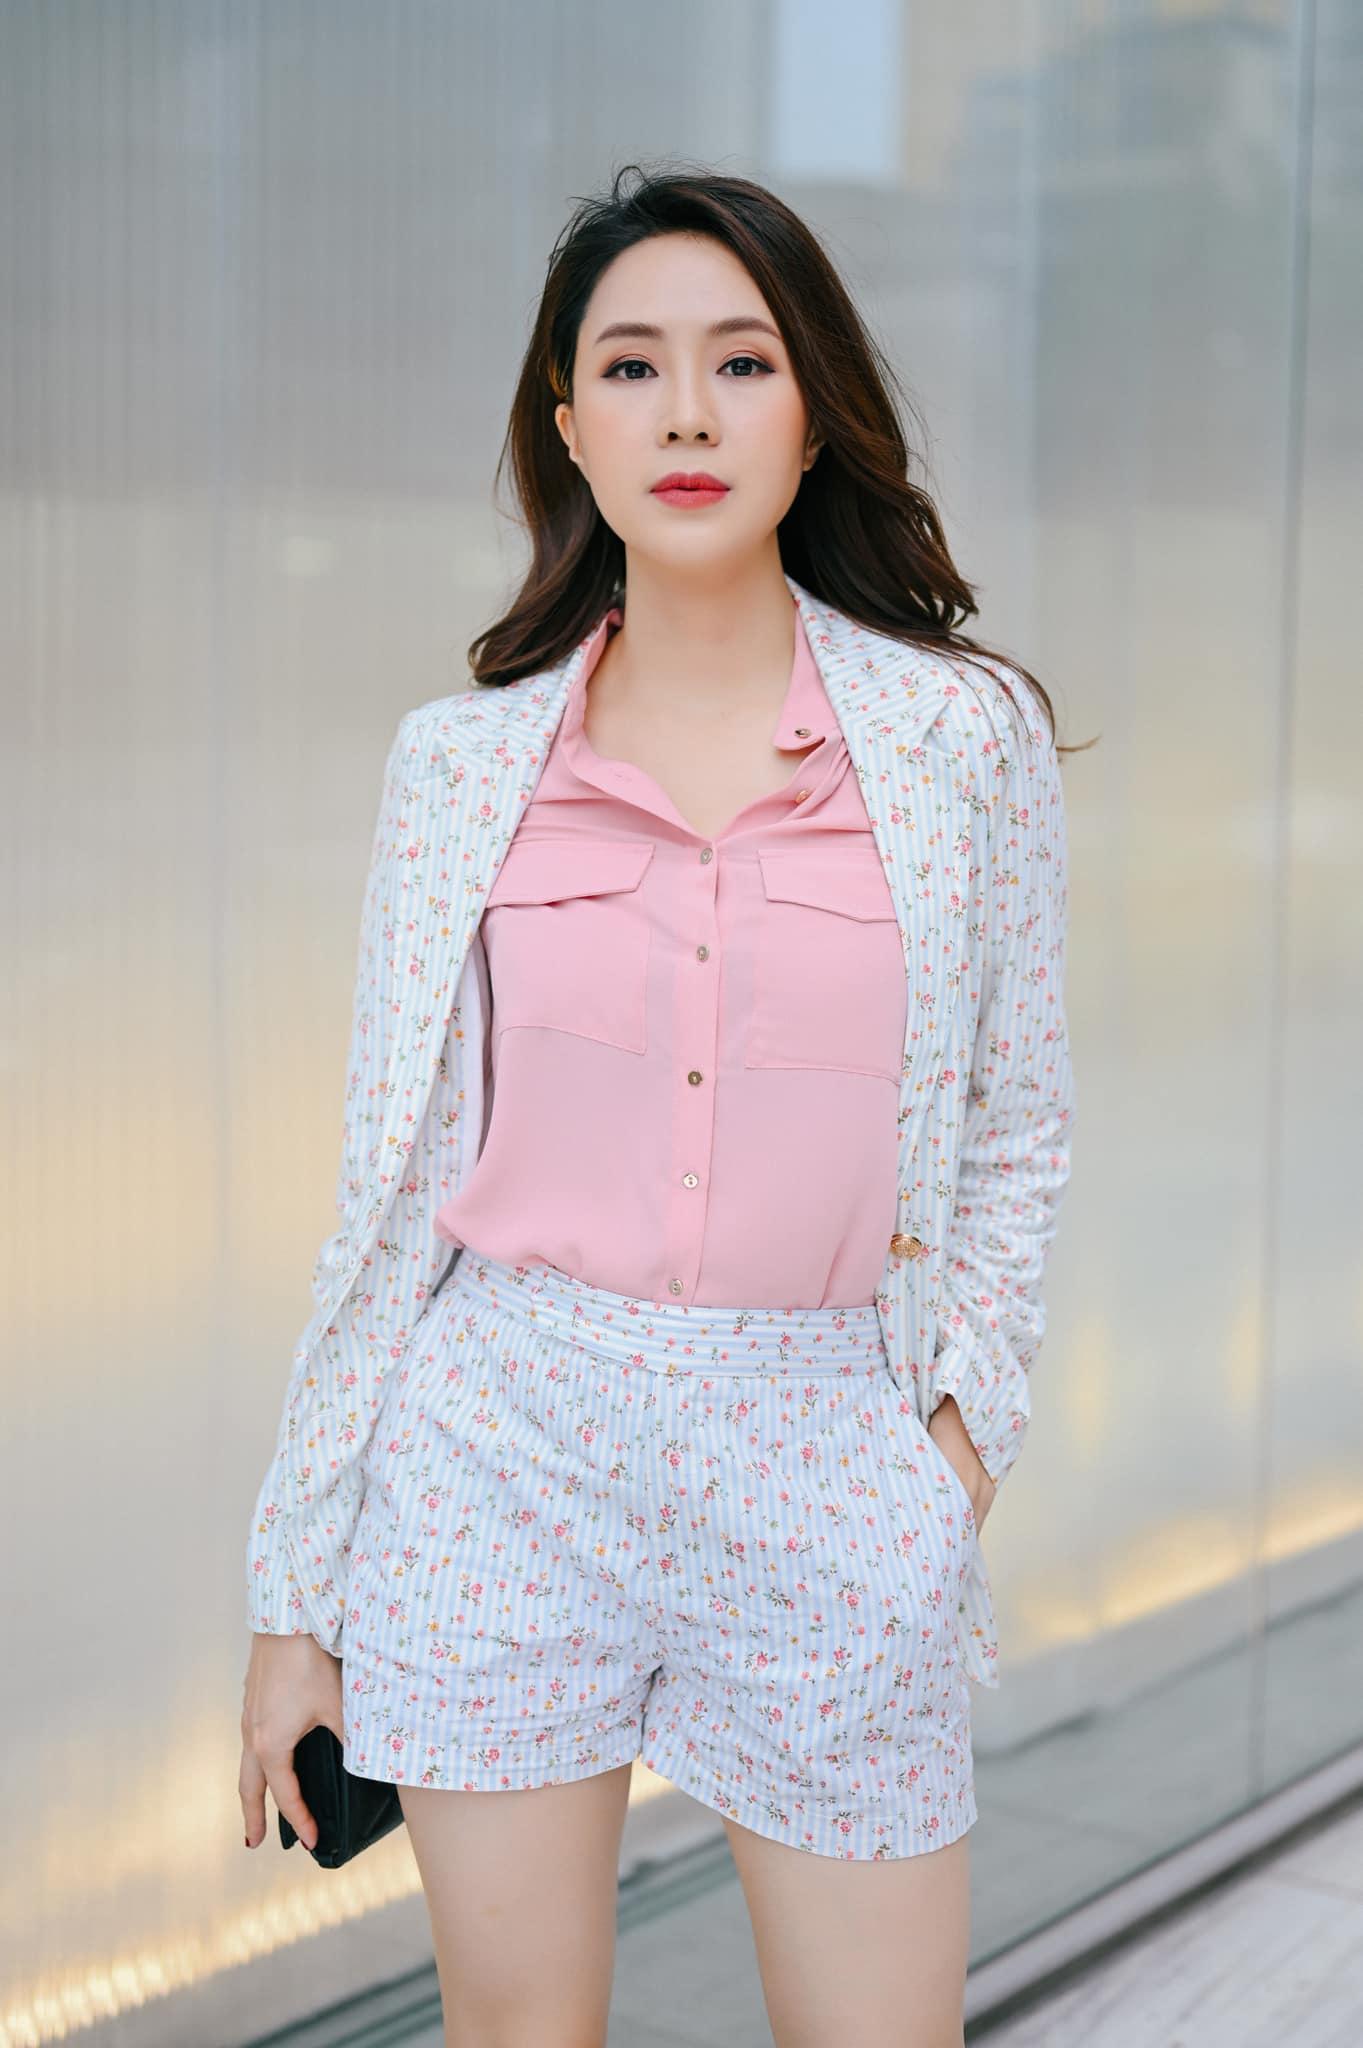 Hồng Diễm hoá thân nàng công chúa tuổi U40, không váy đầm bồng bềnh vẫn đẹp vượt mặt đàn em - 10